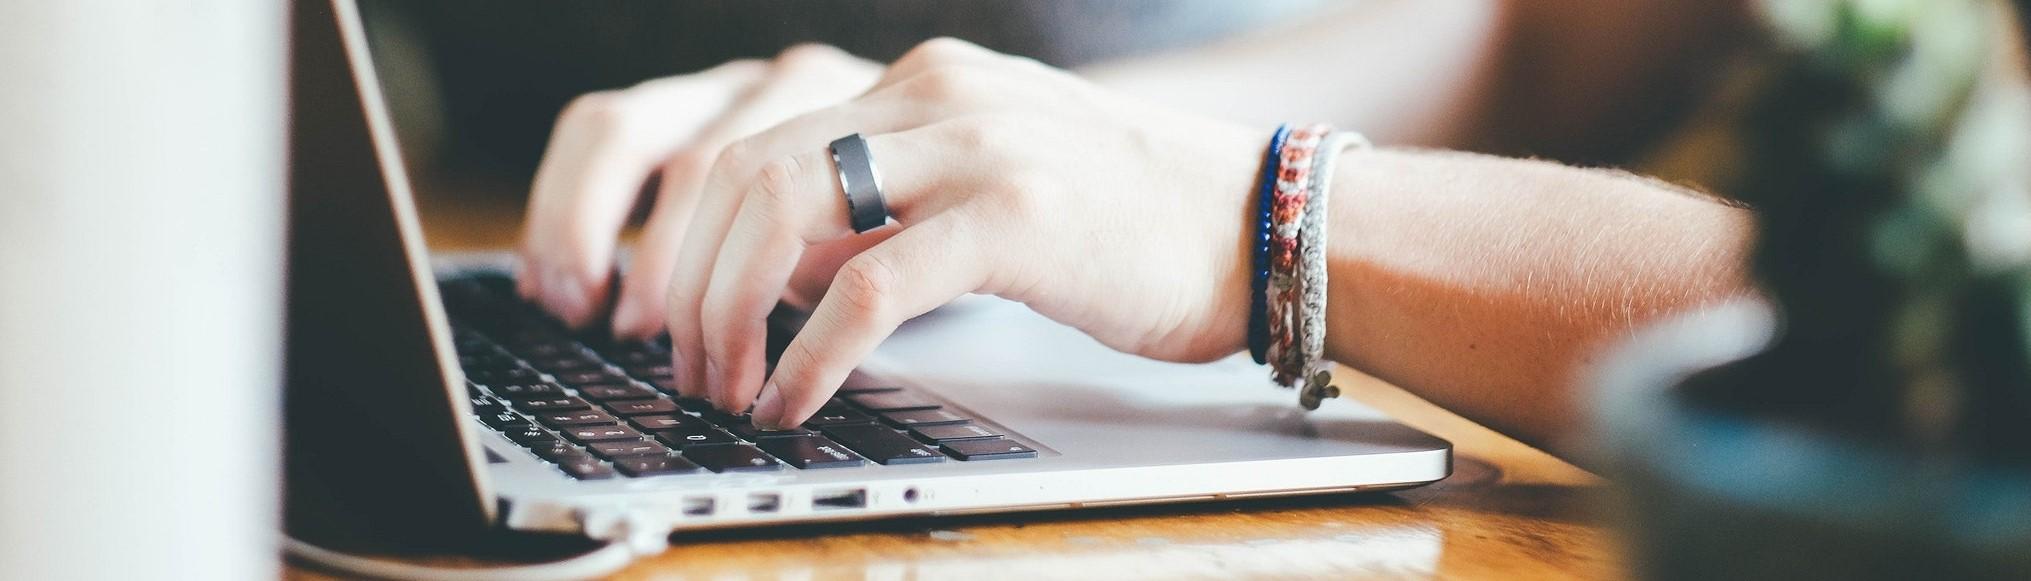 Persoon werk op laptop